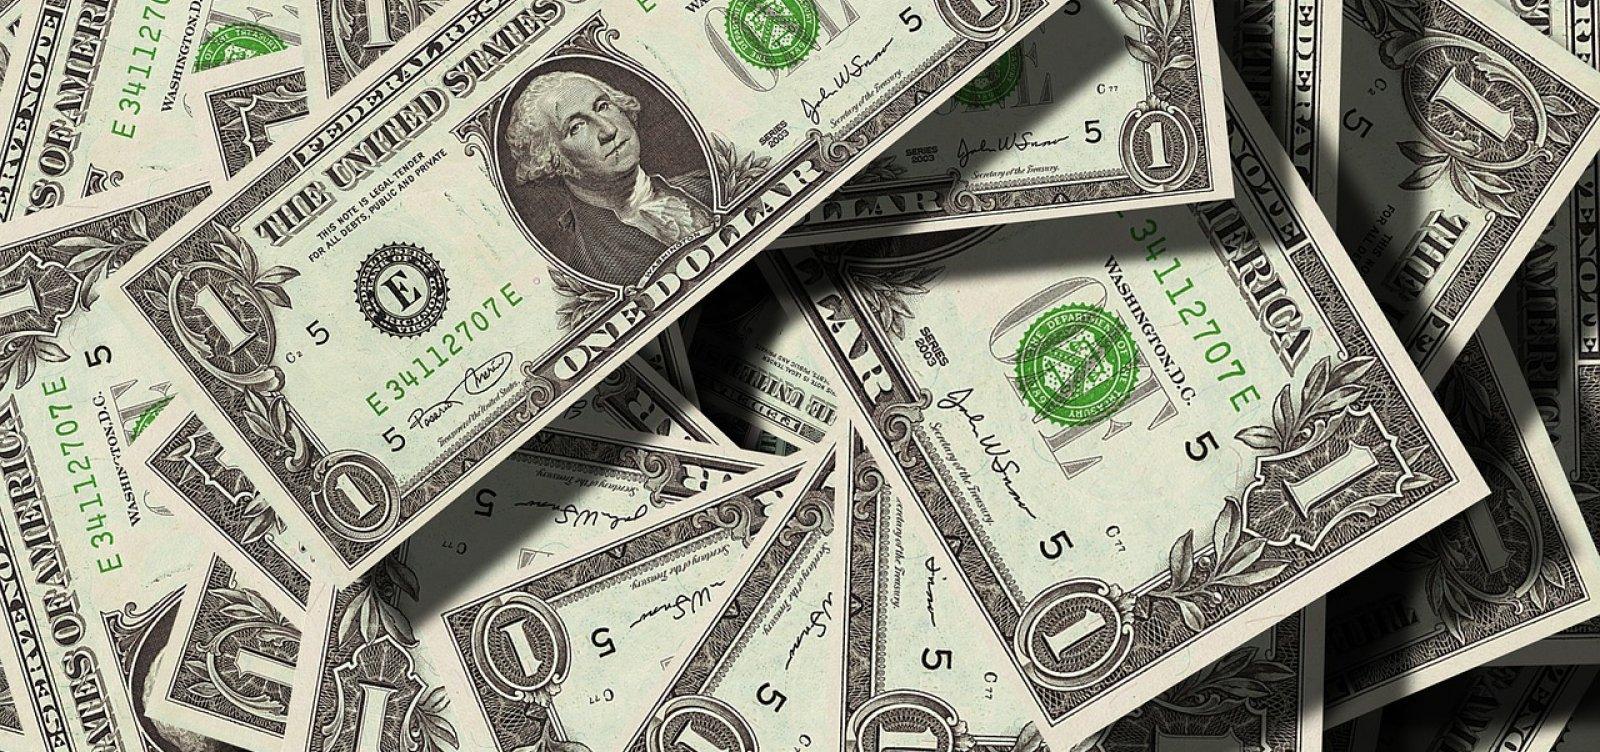 [Banco Central quer permitir contas em dólares no país]